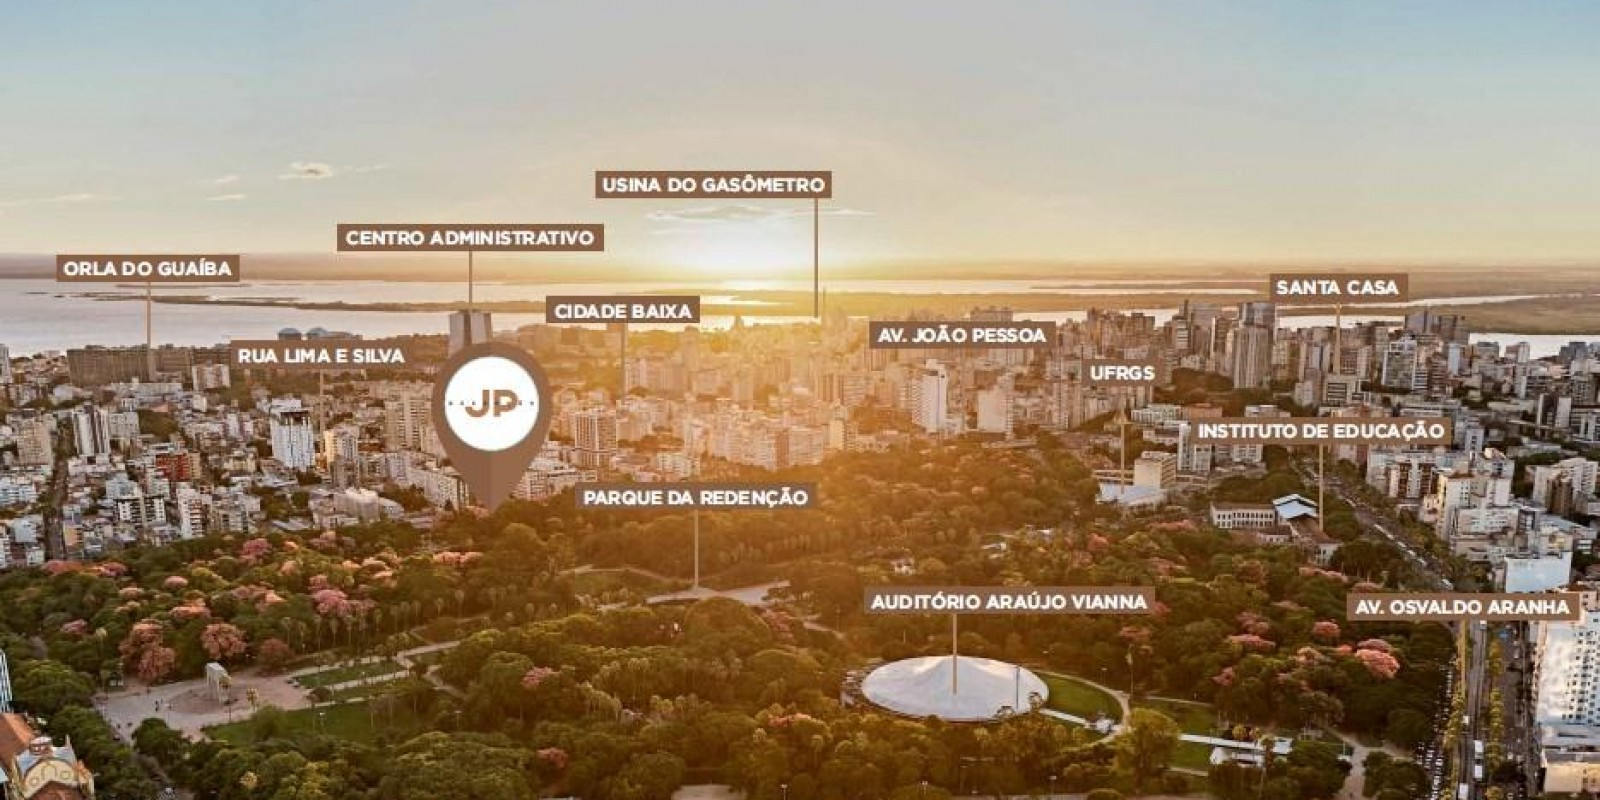 TPS Imóveis - Veja Foto 15 de 15 do Apartamento a Venda em Frente a UFRGS Porto Alegre